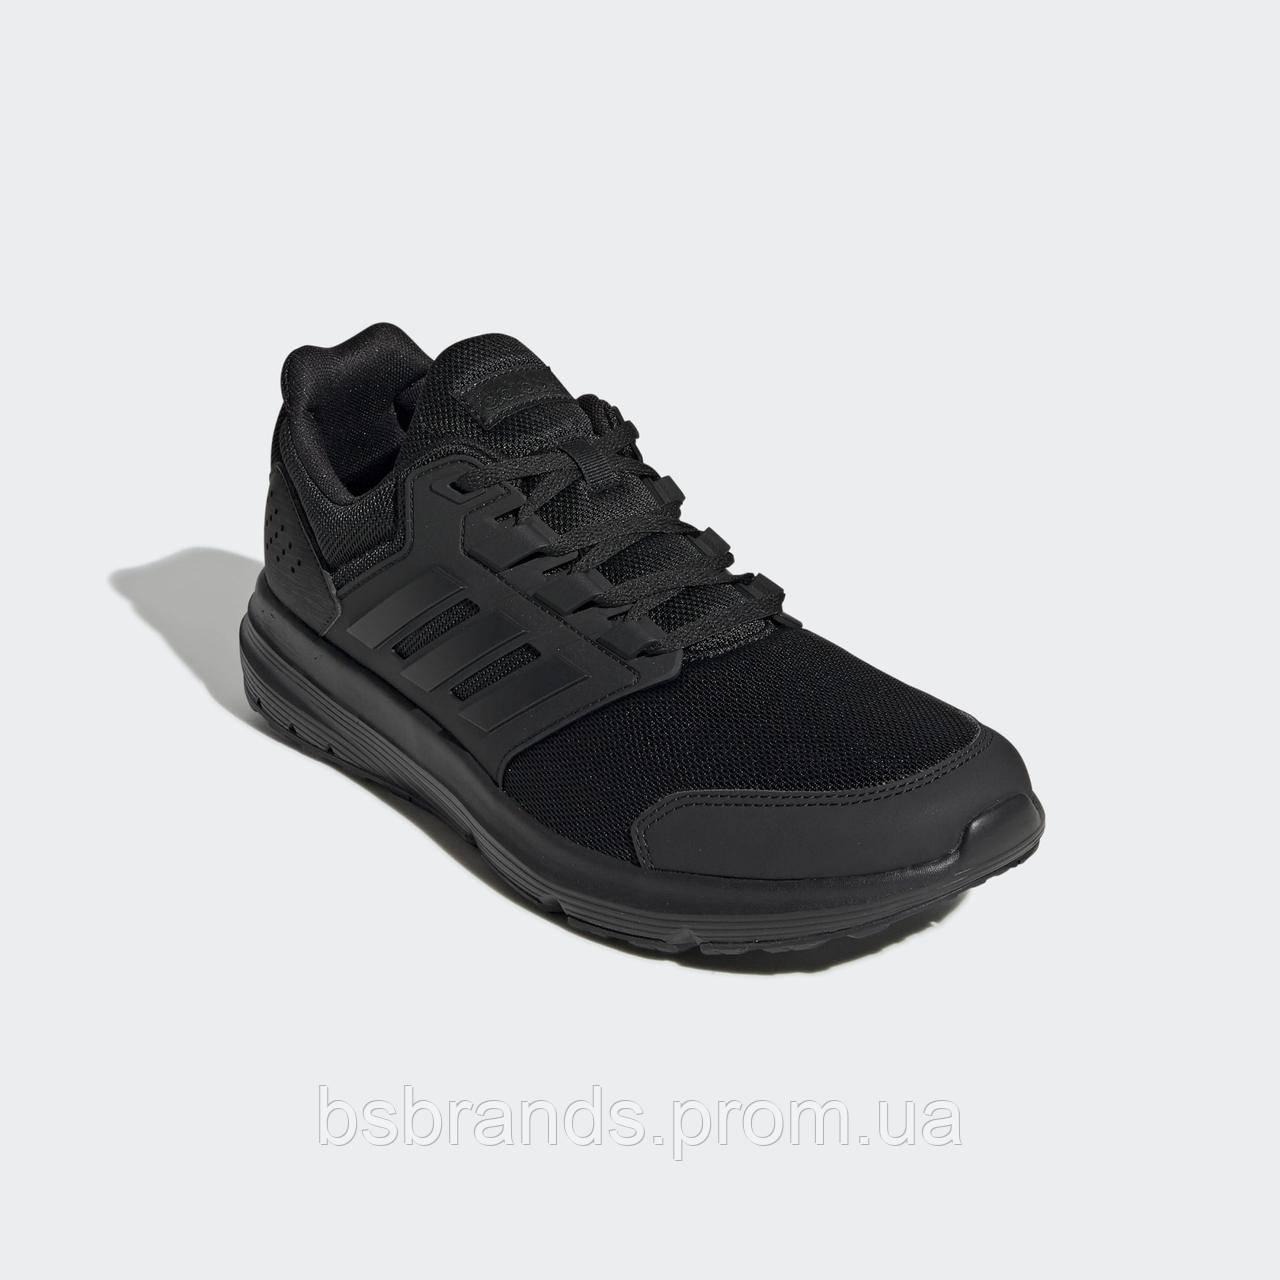 Мужские кроссовки adidas для бега Galaxy 4 EE7917